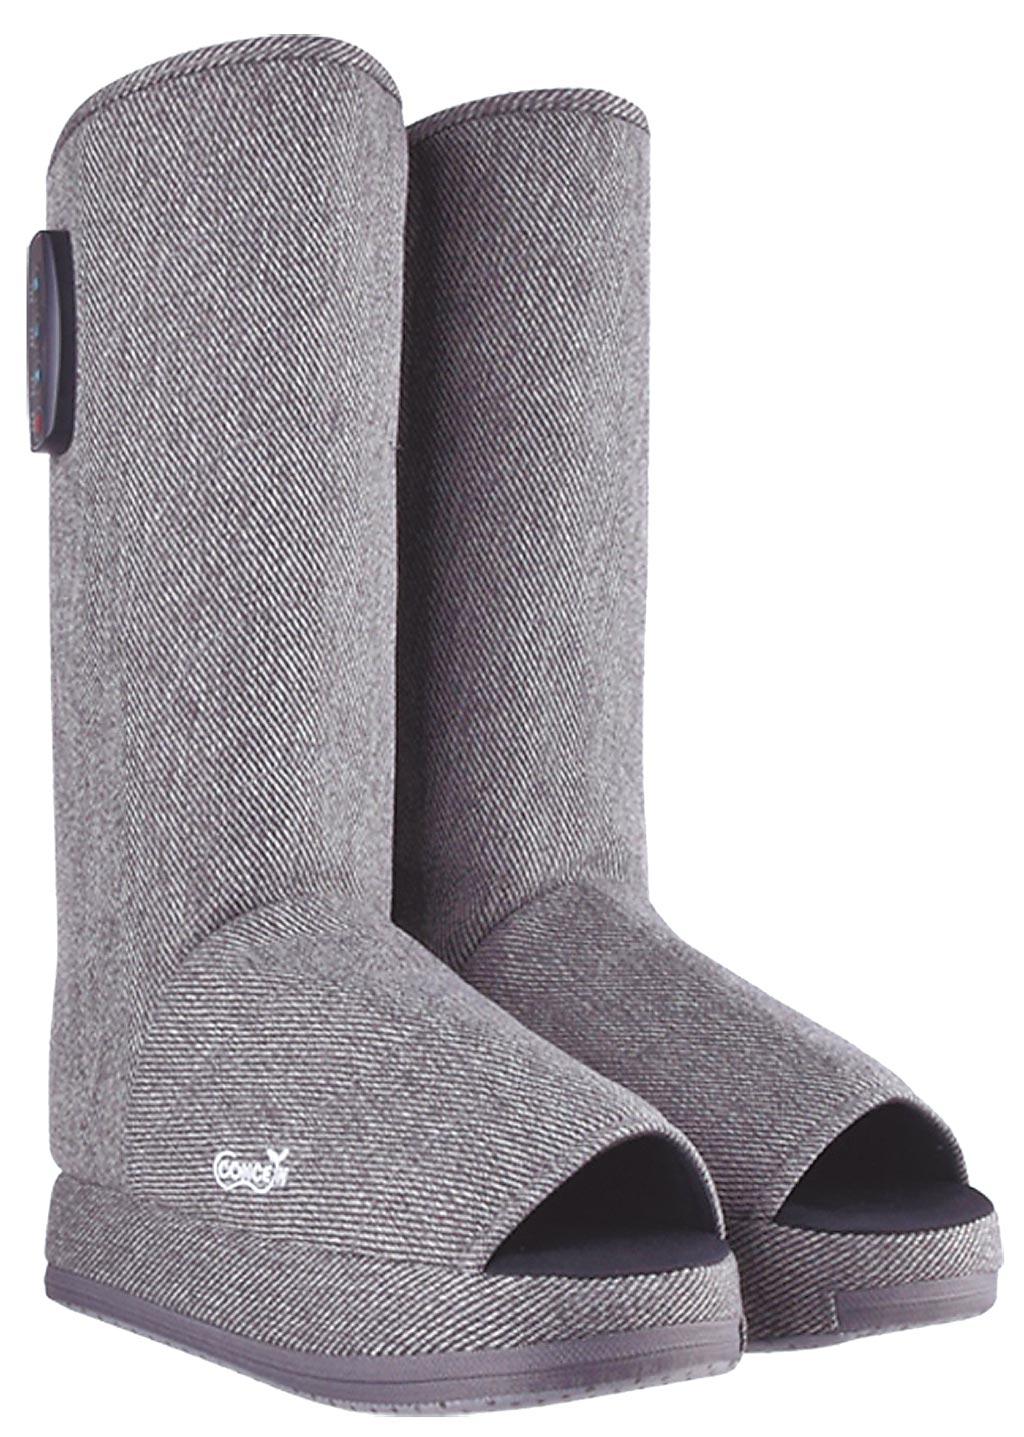 維娜斯按摩美腿女神靴,原價6980元,特價5980元。(台隆手創館提供)